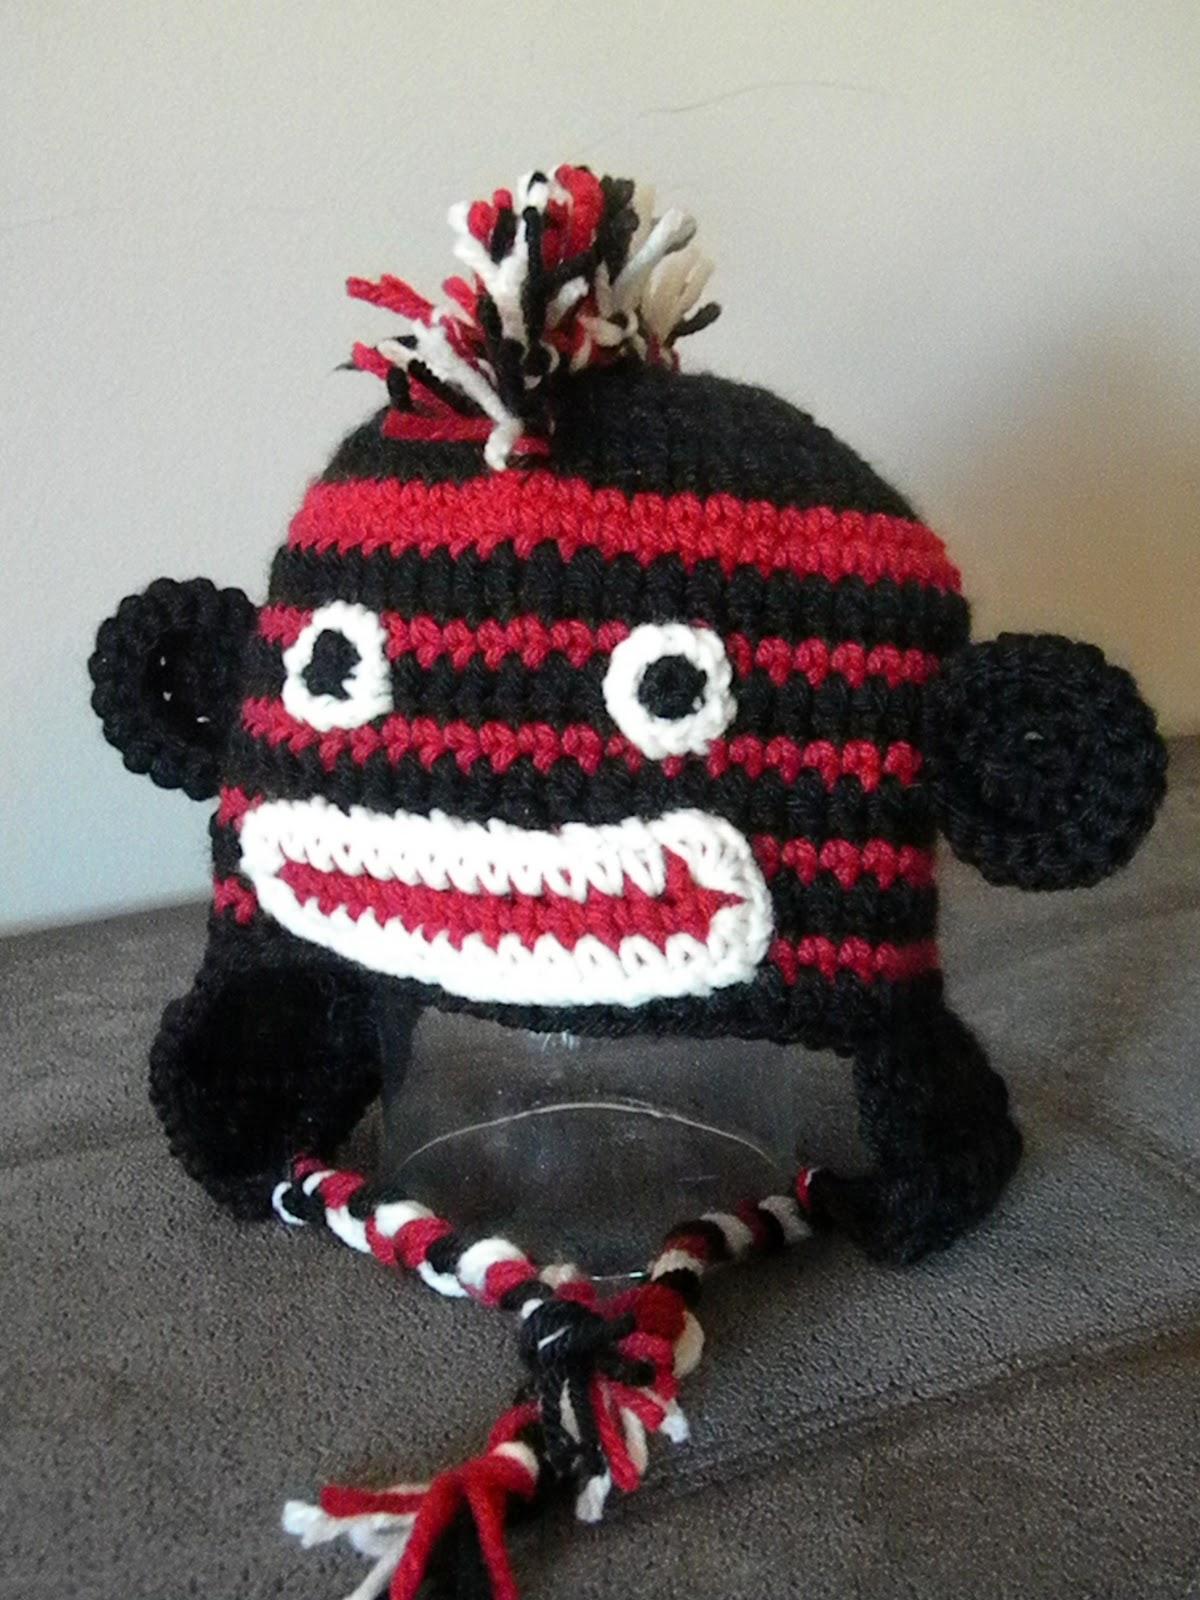 Knotty knotty crochet funky monkey free pattern funky monkey free pattern bankloansurffo Images